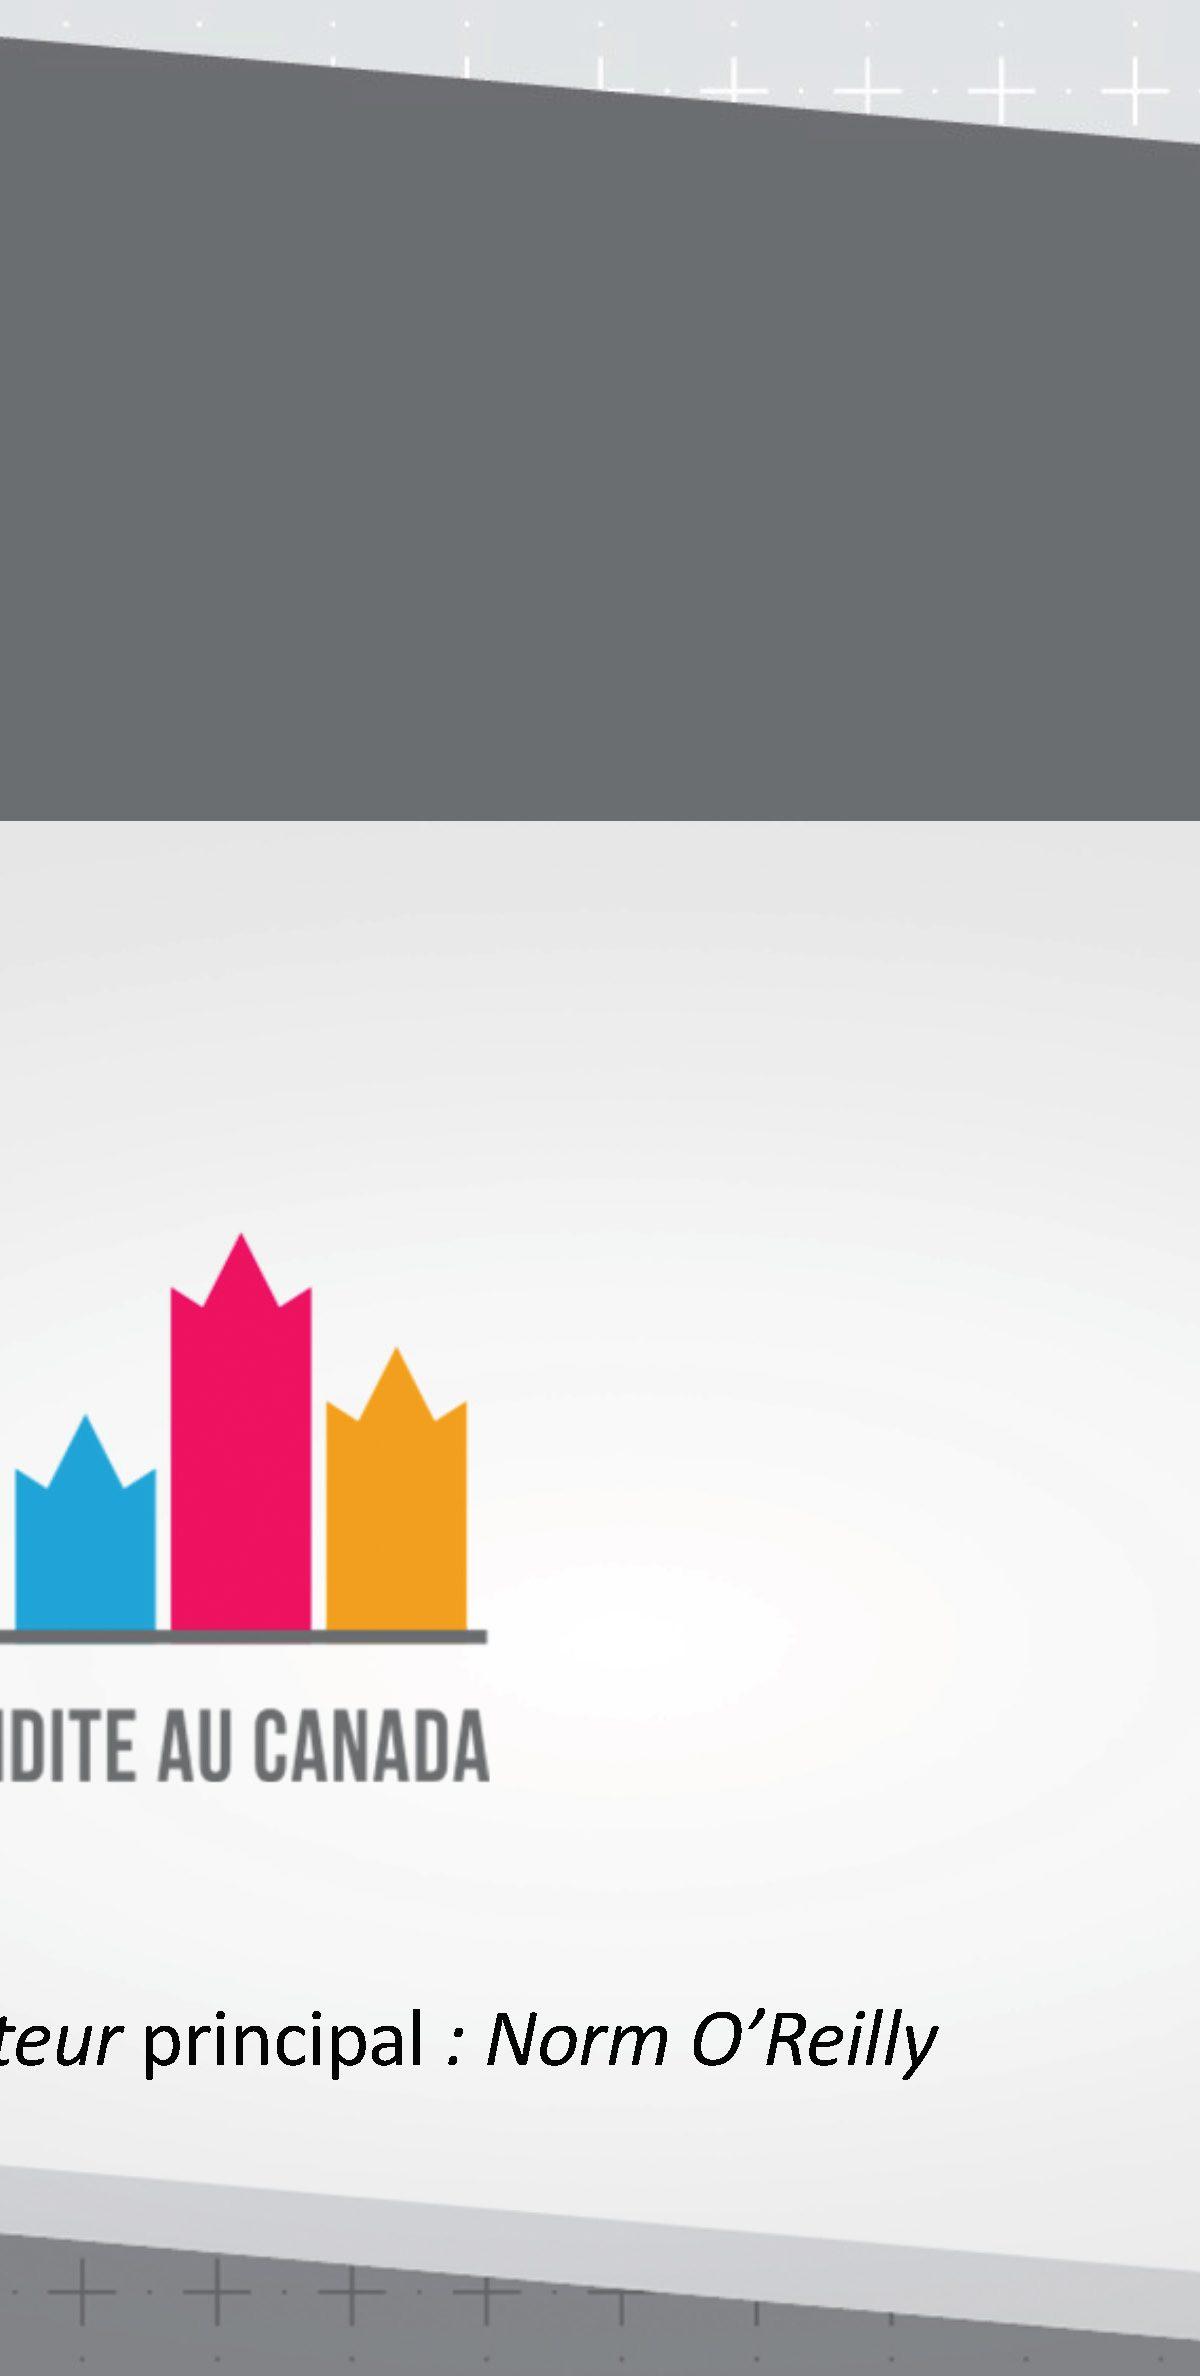 Étude sur l'industrie de la commandite au Canada